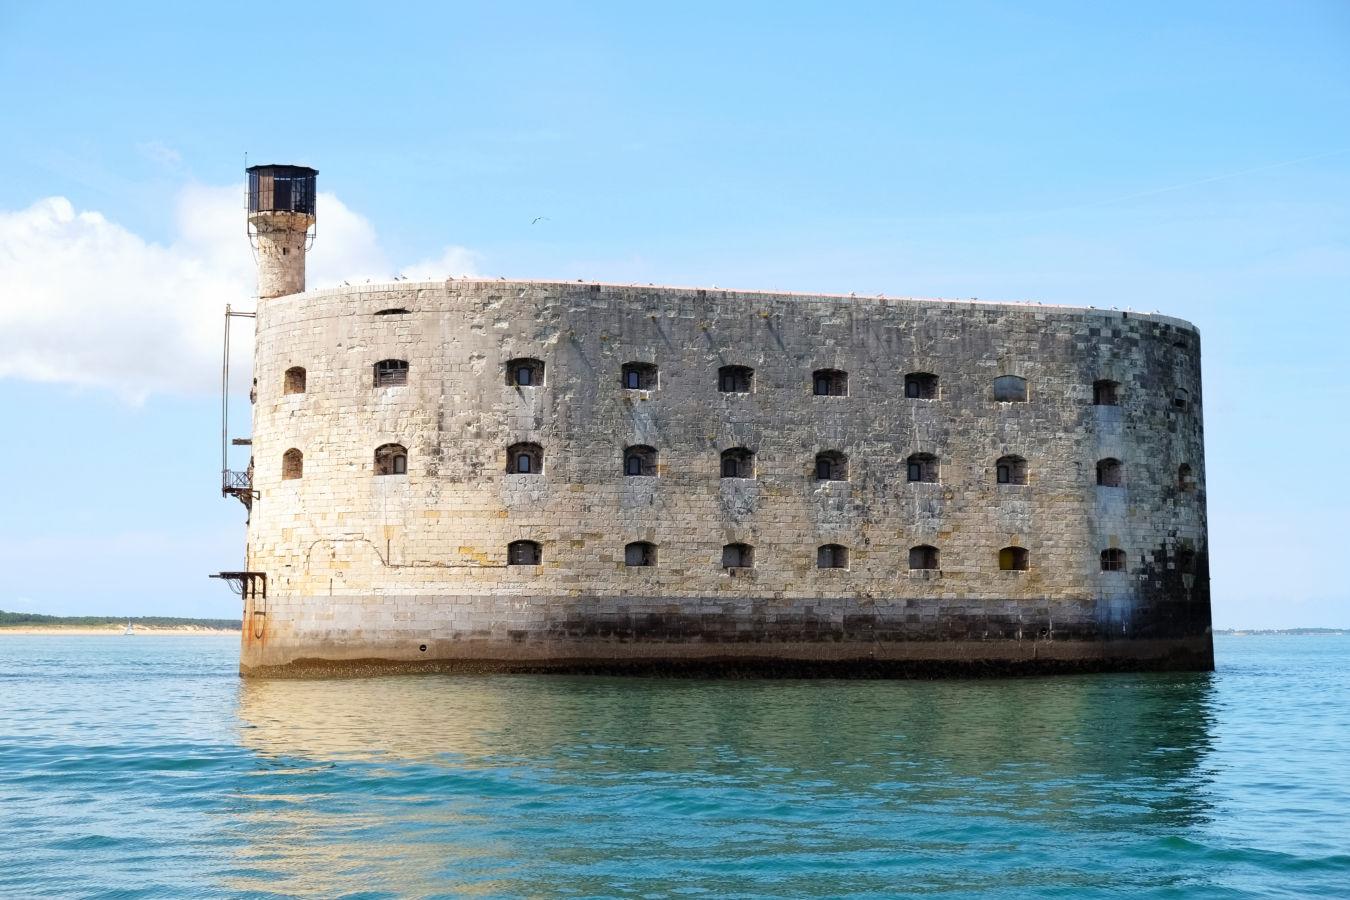 Co jedí v pevnosti Boyard aneb speciality Charente a Charente-Maritime